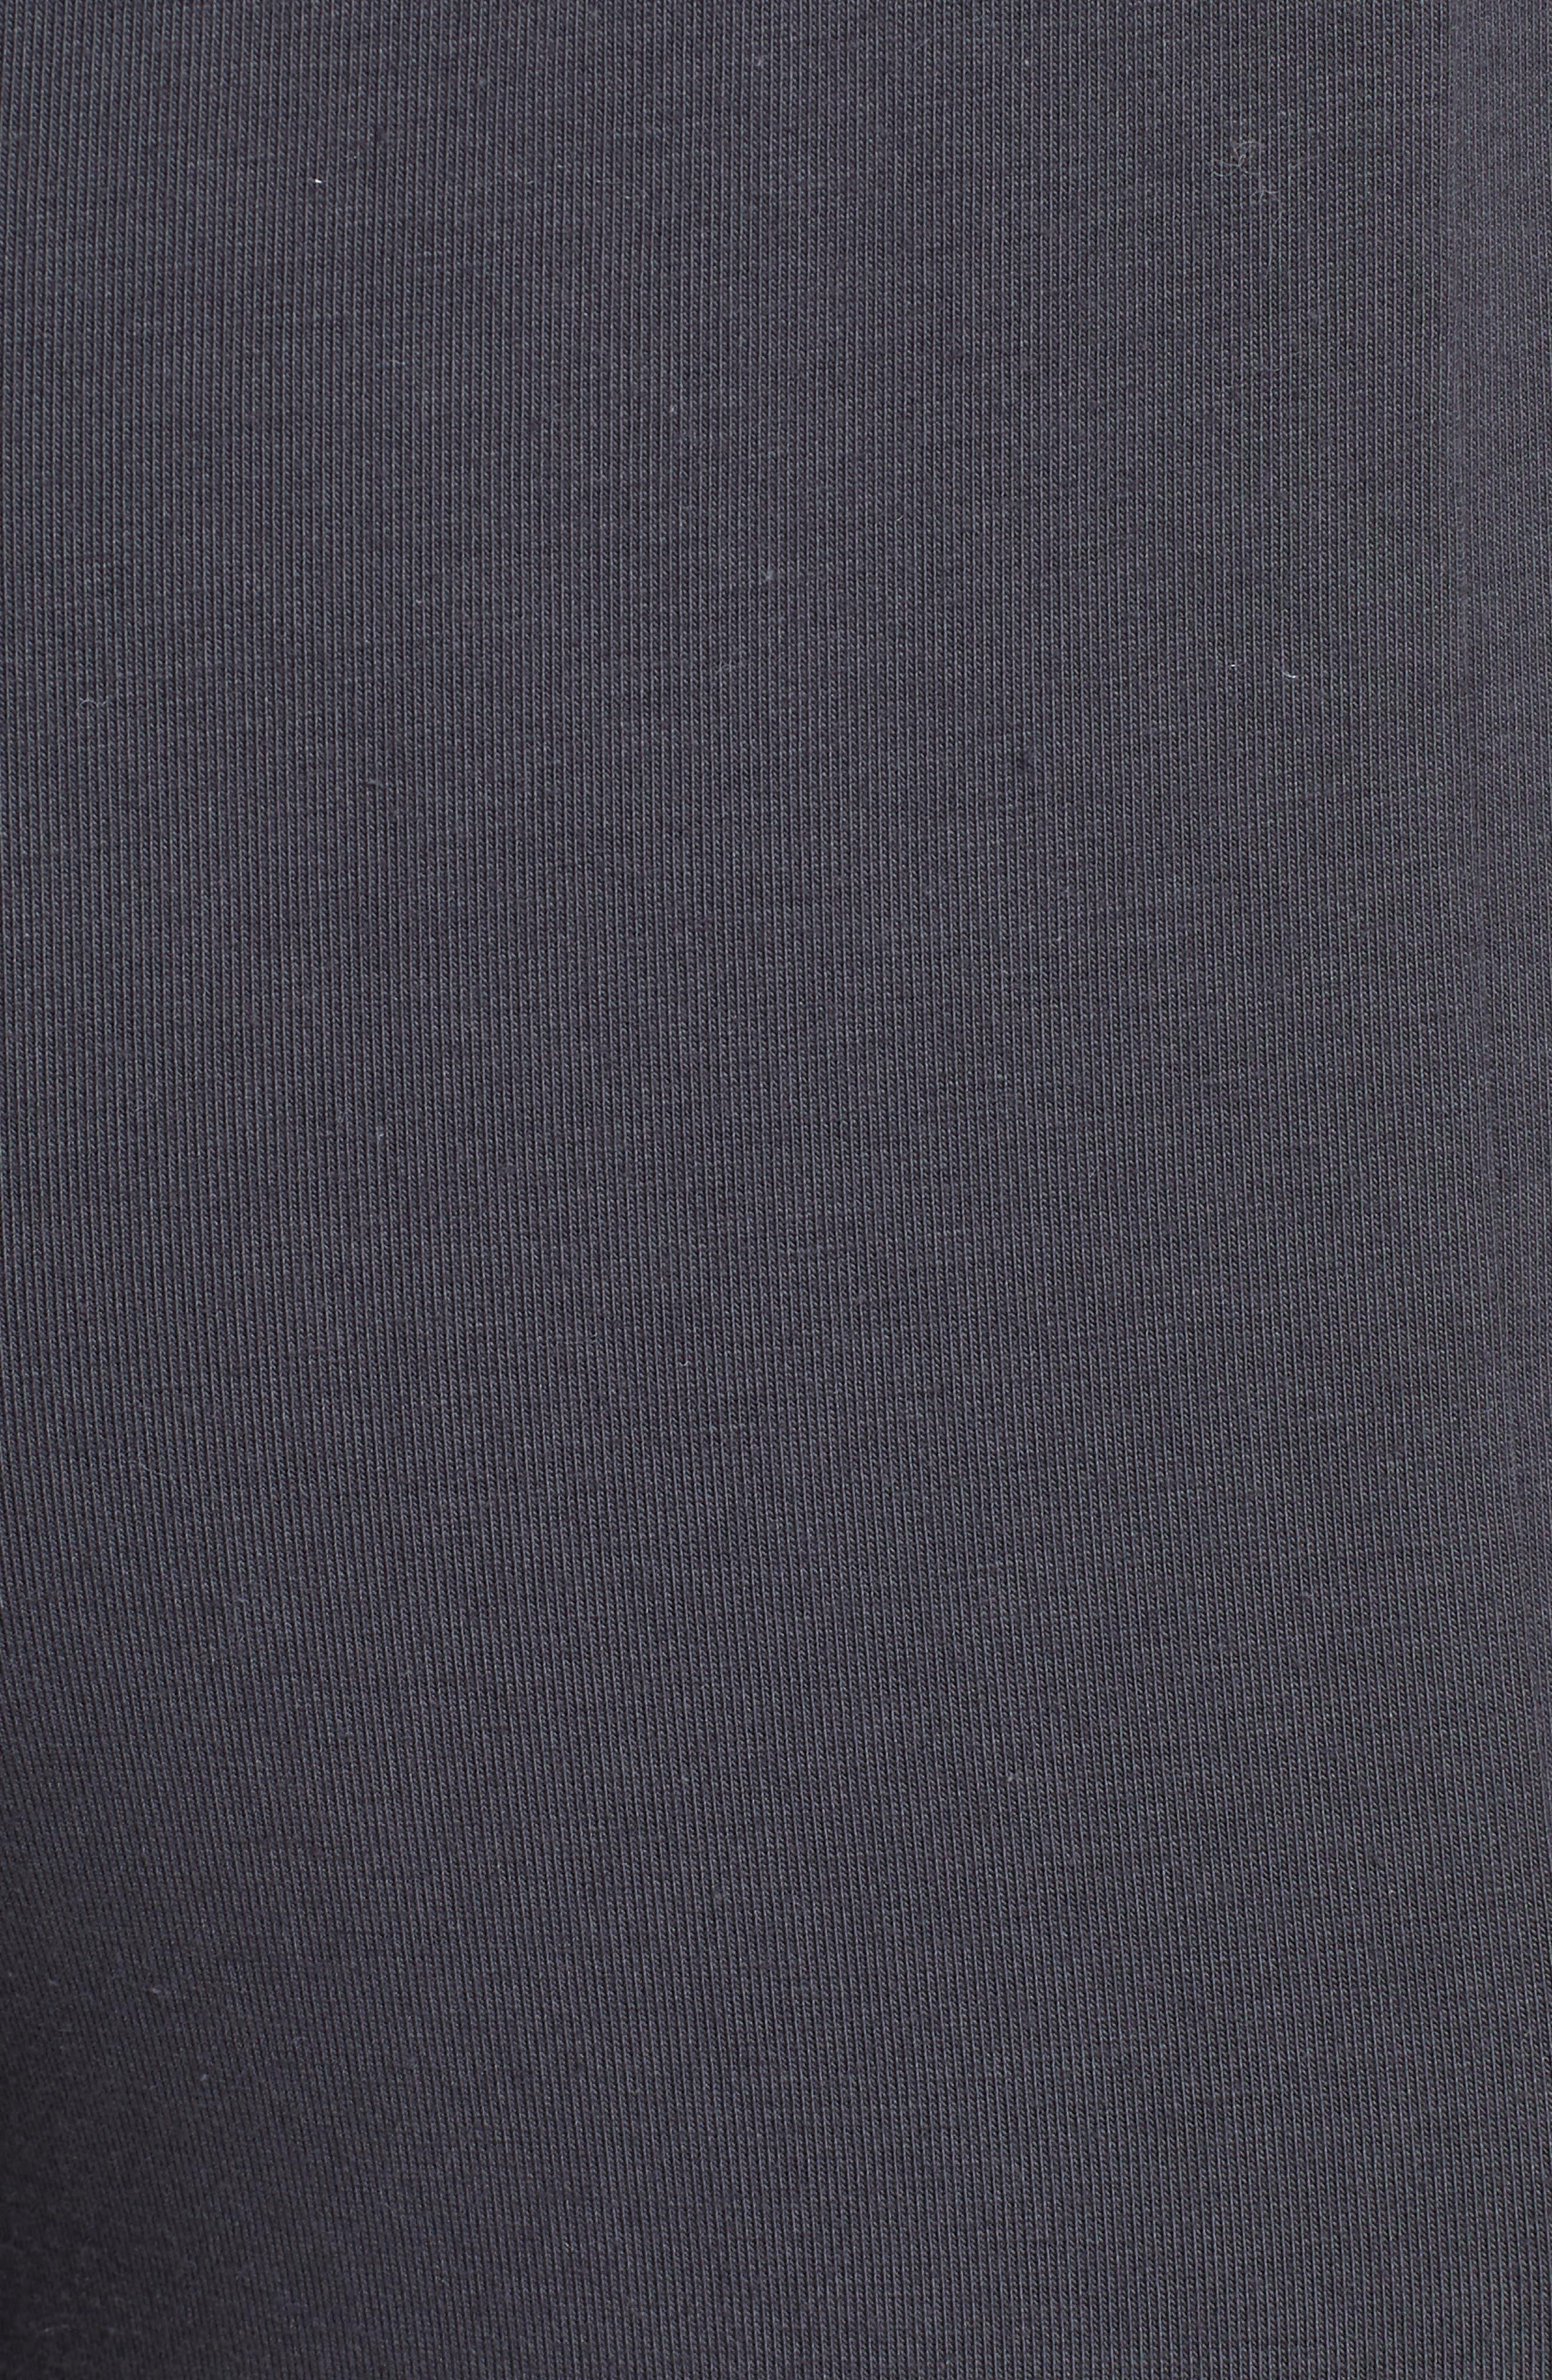 Slim Stretch Cotton Pants,                             Alternate thumbnail 5, color,                             025